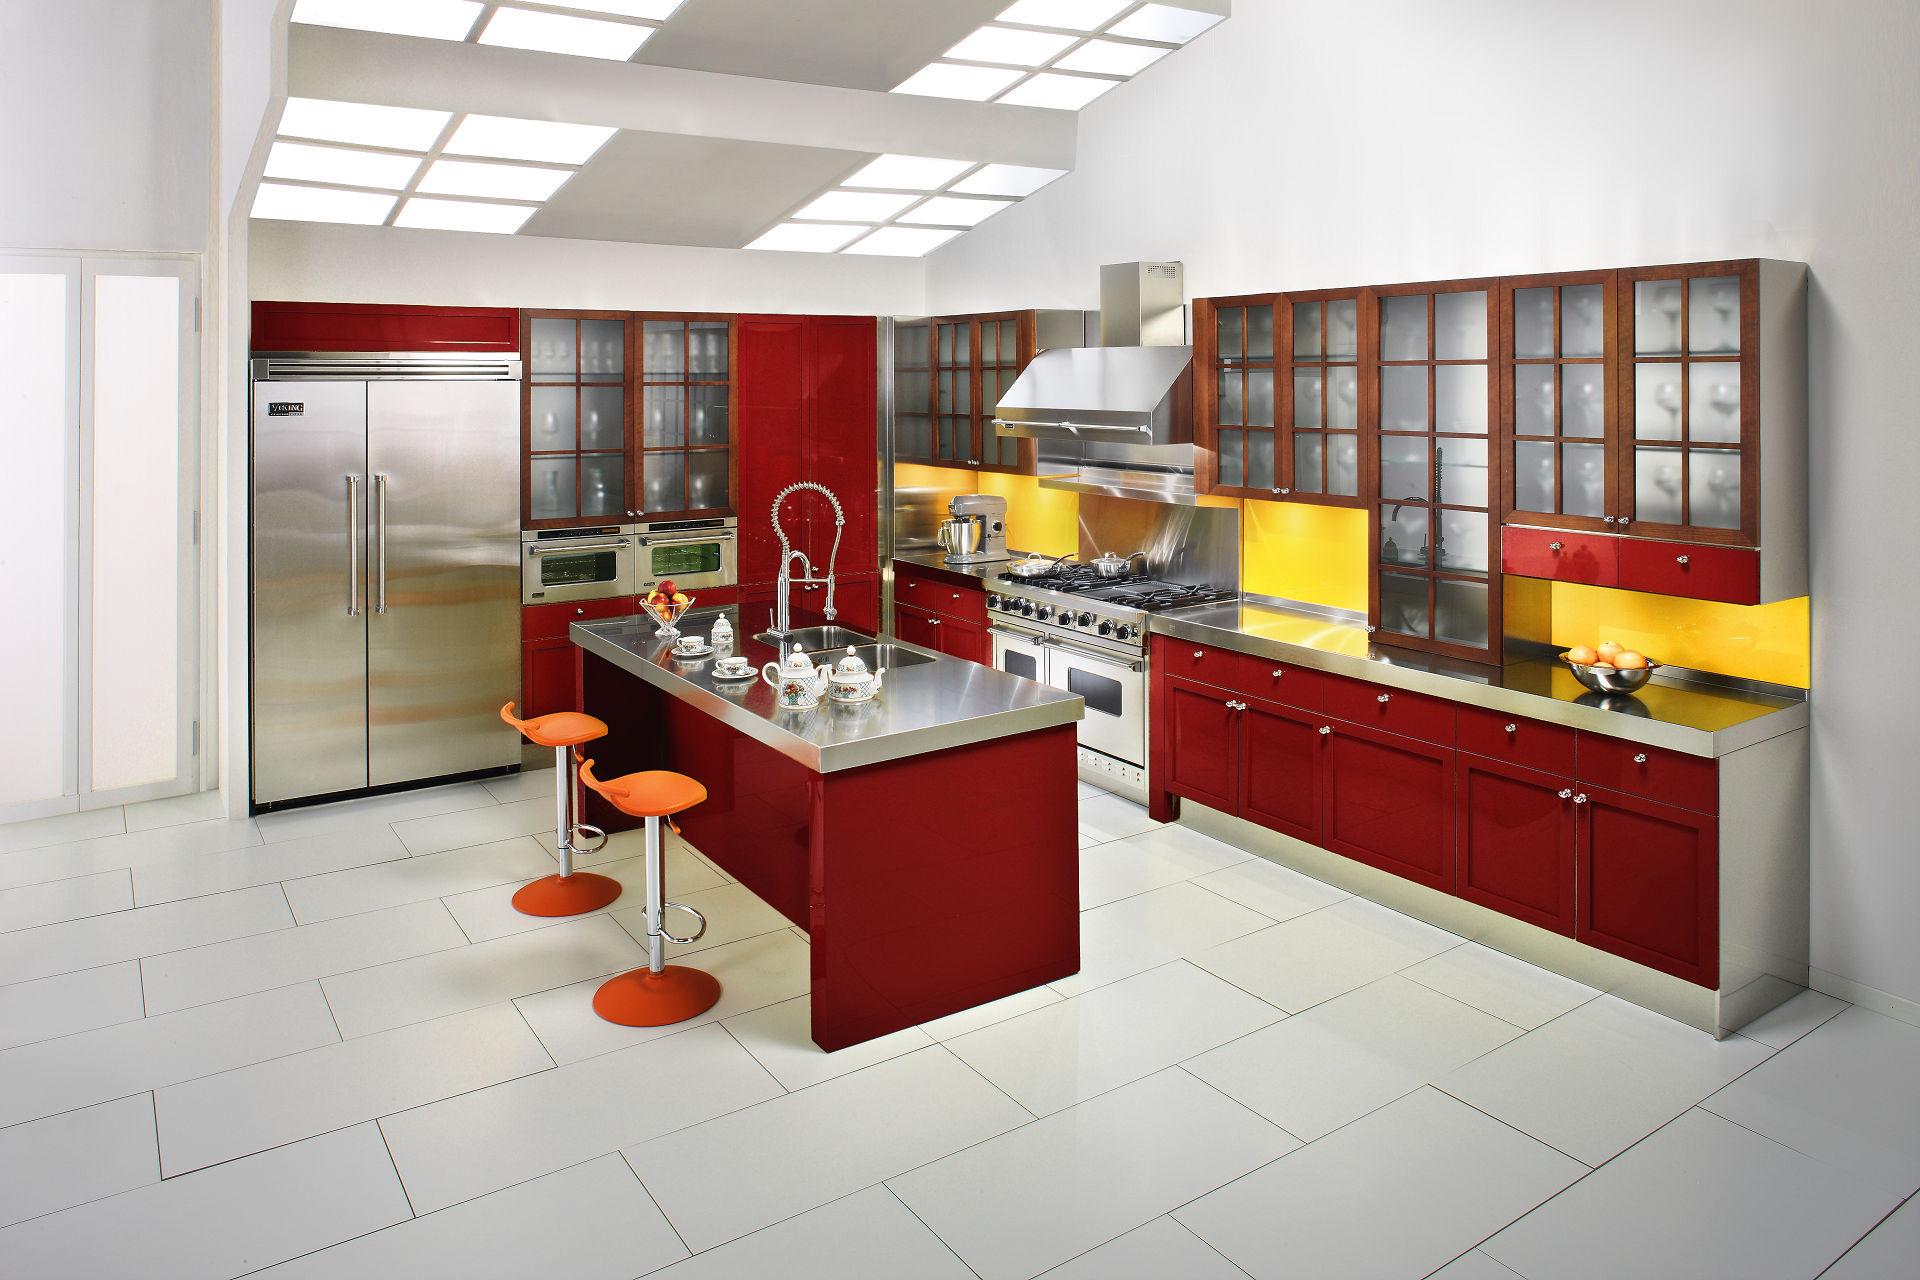 Cambridge arca cucine italia cucine in acciaio inox - Maniglie cucina acciaio ...